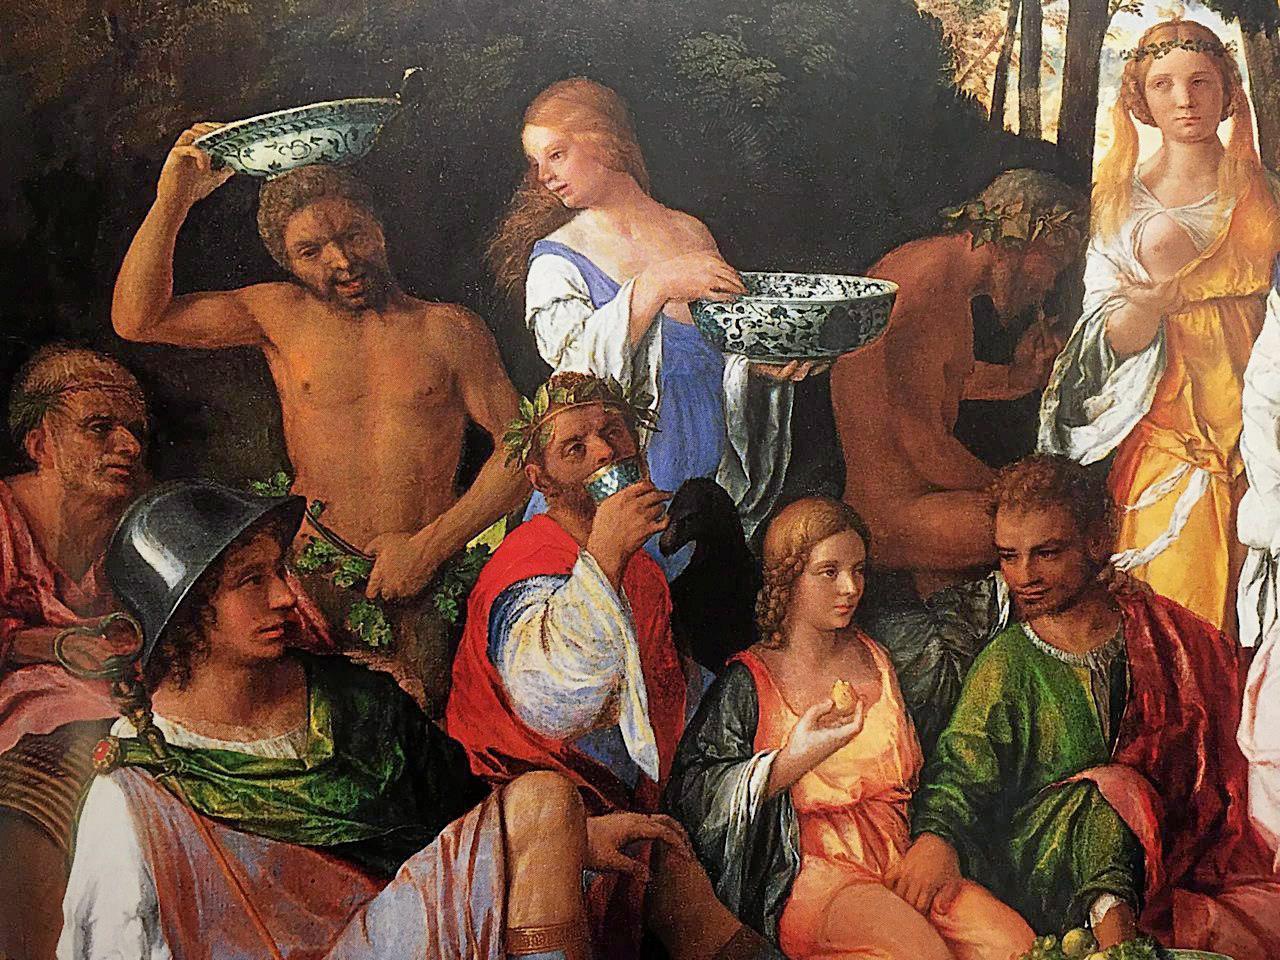 พอร์ซเลนของจีนในภาพวาด The Feast of the Gods ของโจวานนี เบลลินี ศิลปินอิตาลีสมัยศตวรรษที่ 16.